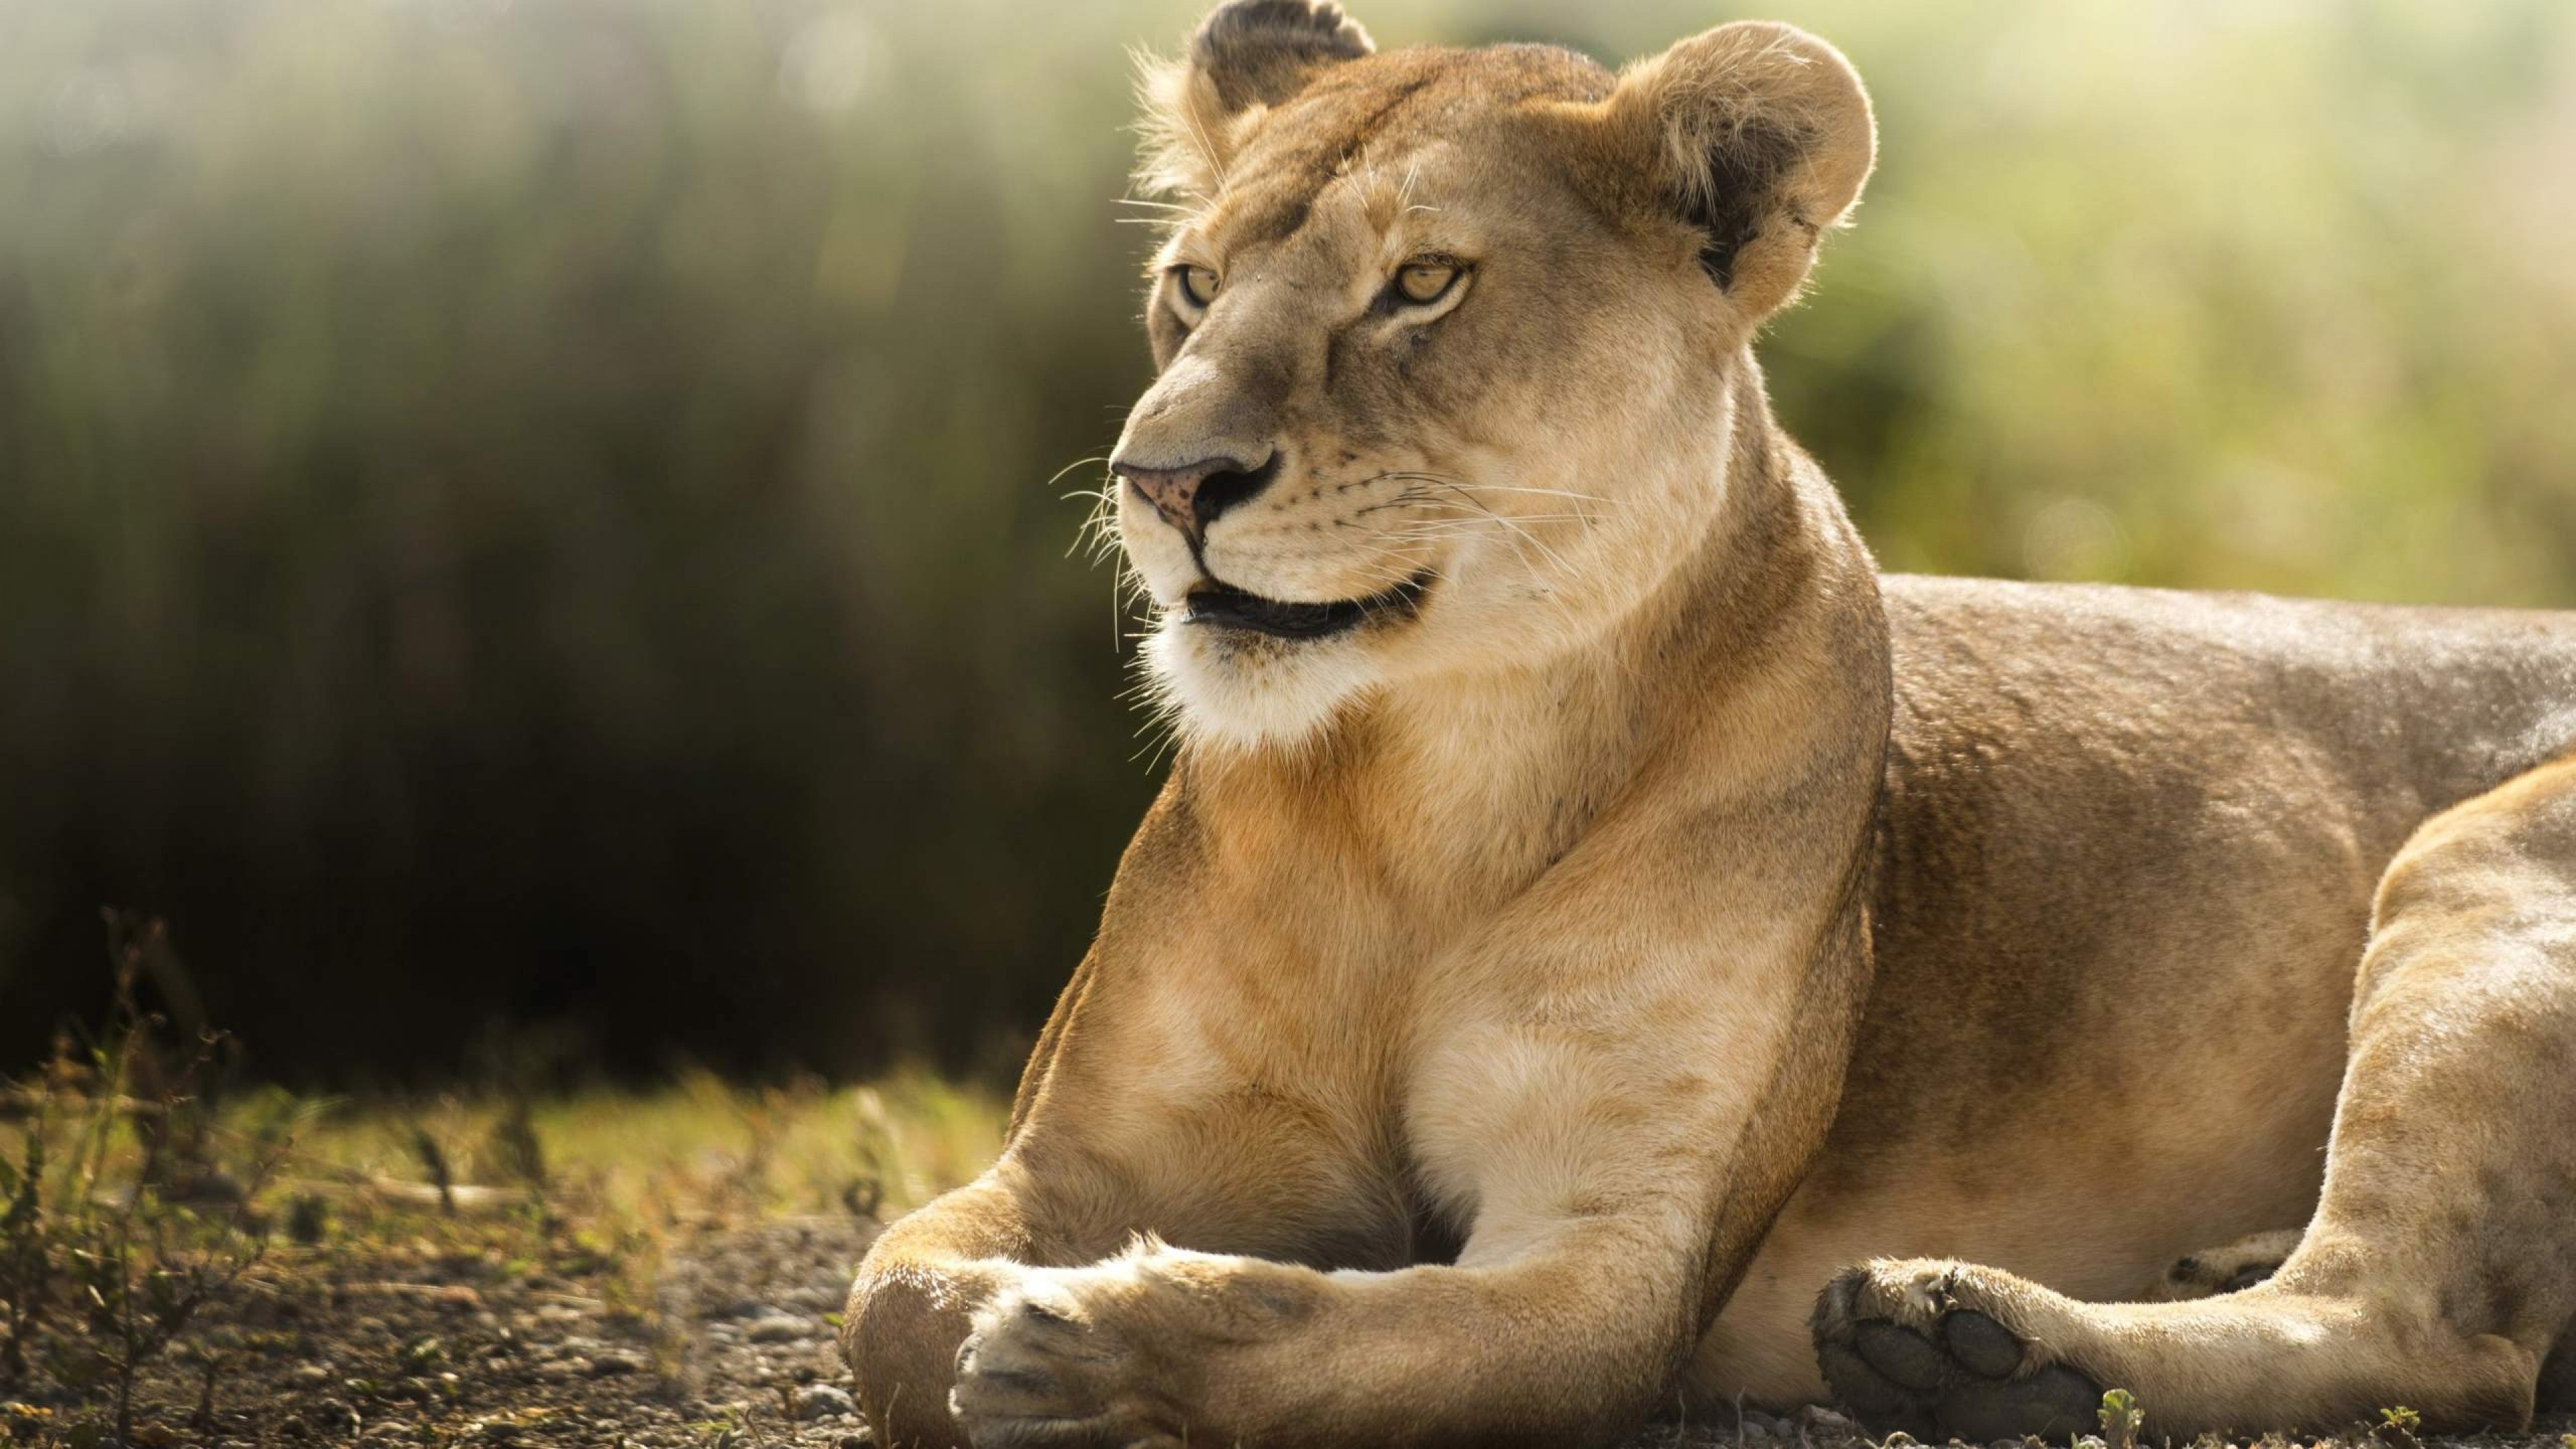 Free Download African Lion Wallpaper In Hd 4k Ultra Hd Hd